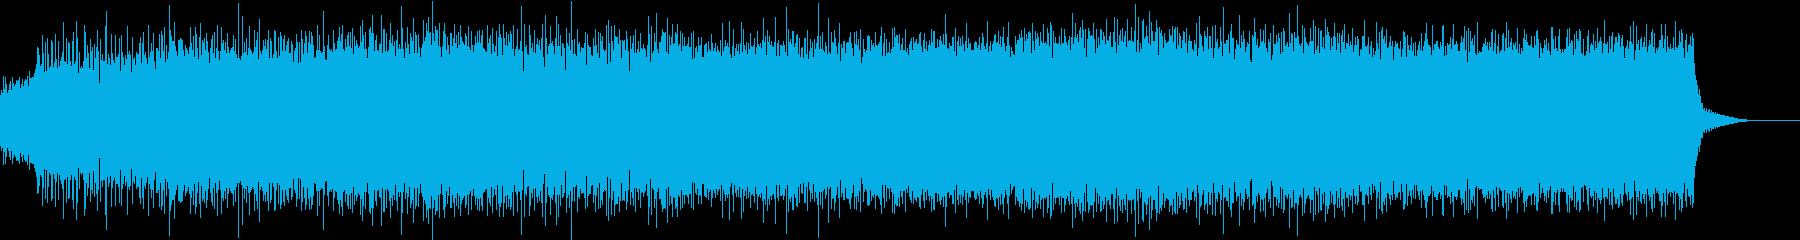 ピコピコ系のインダストリアルロックの再生済みの波形